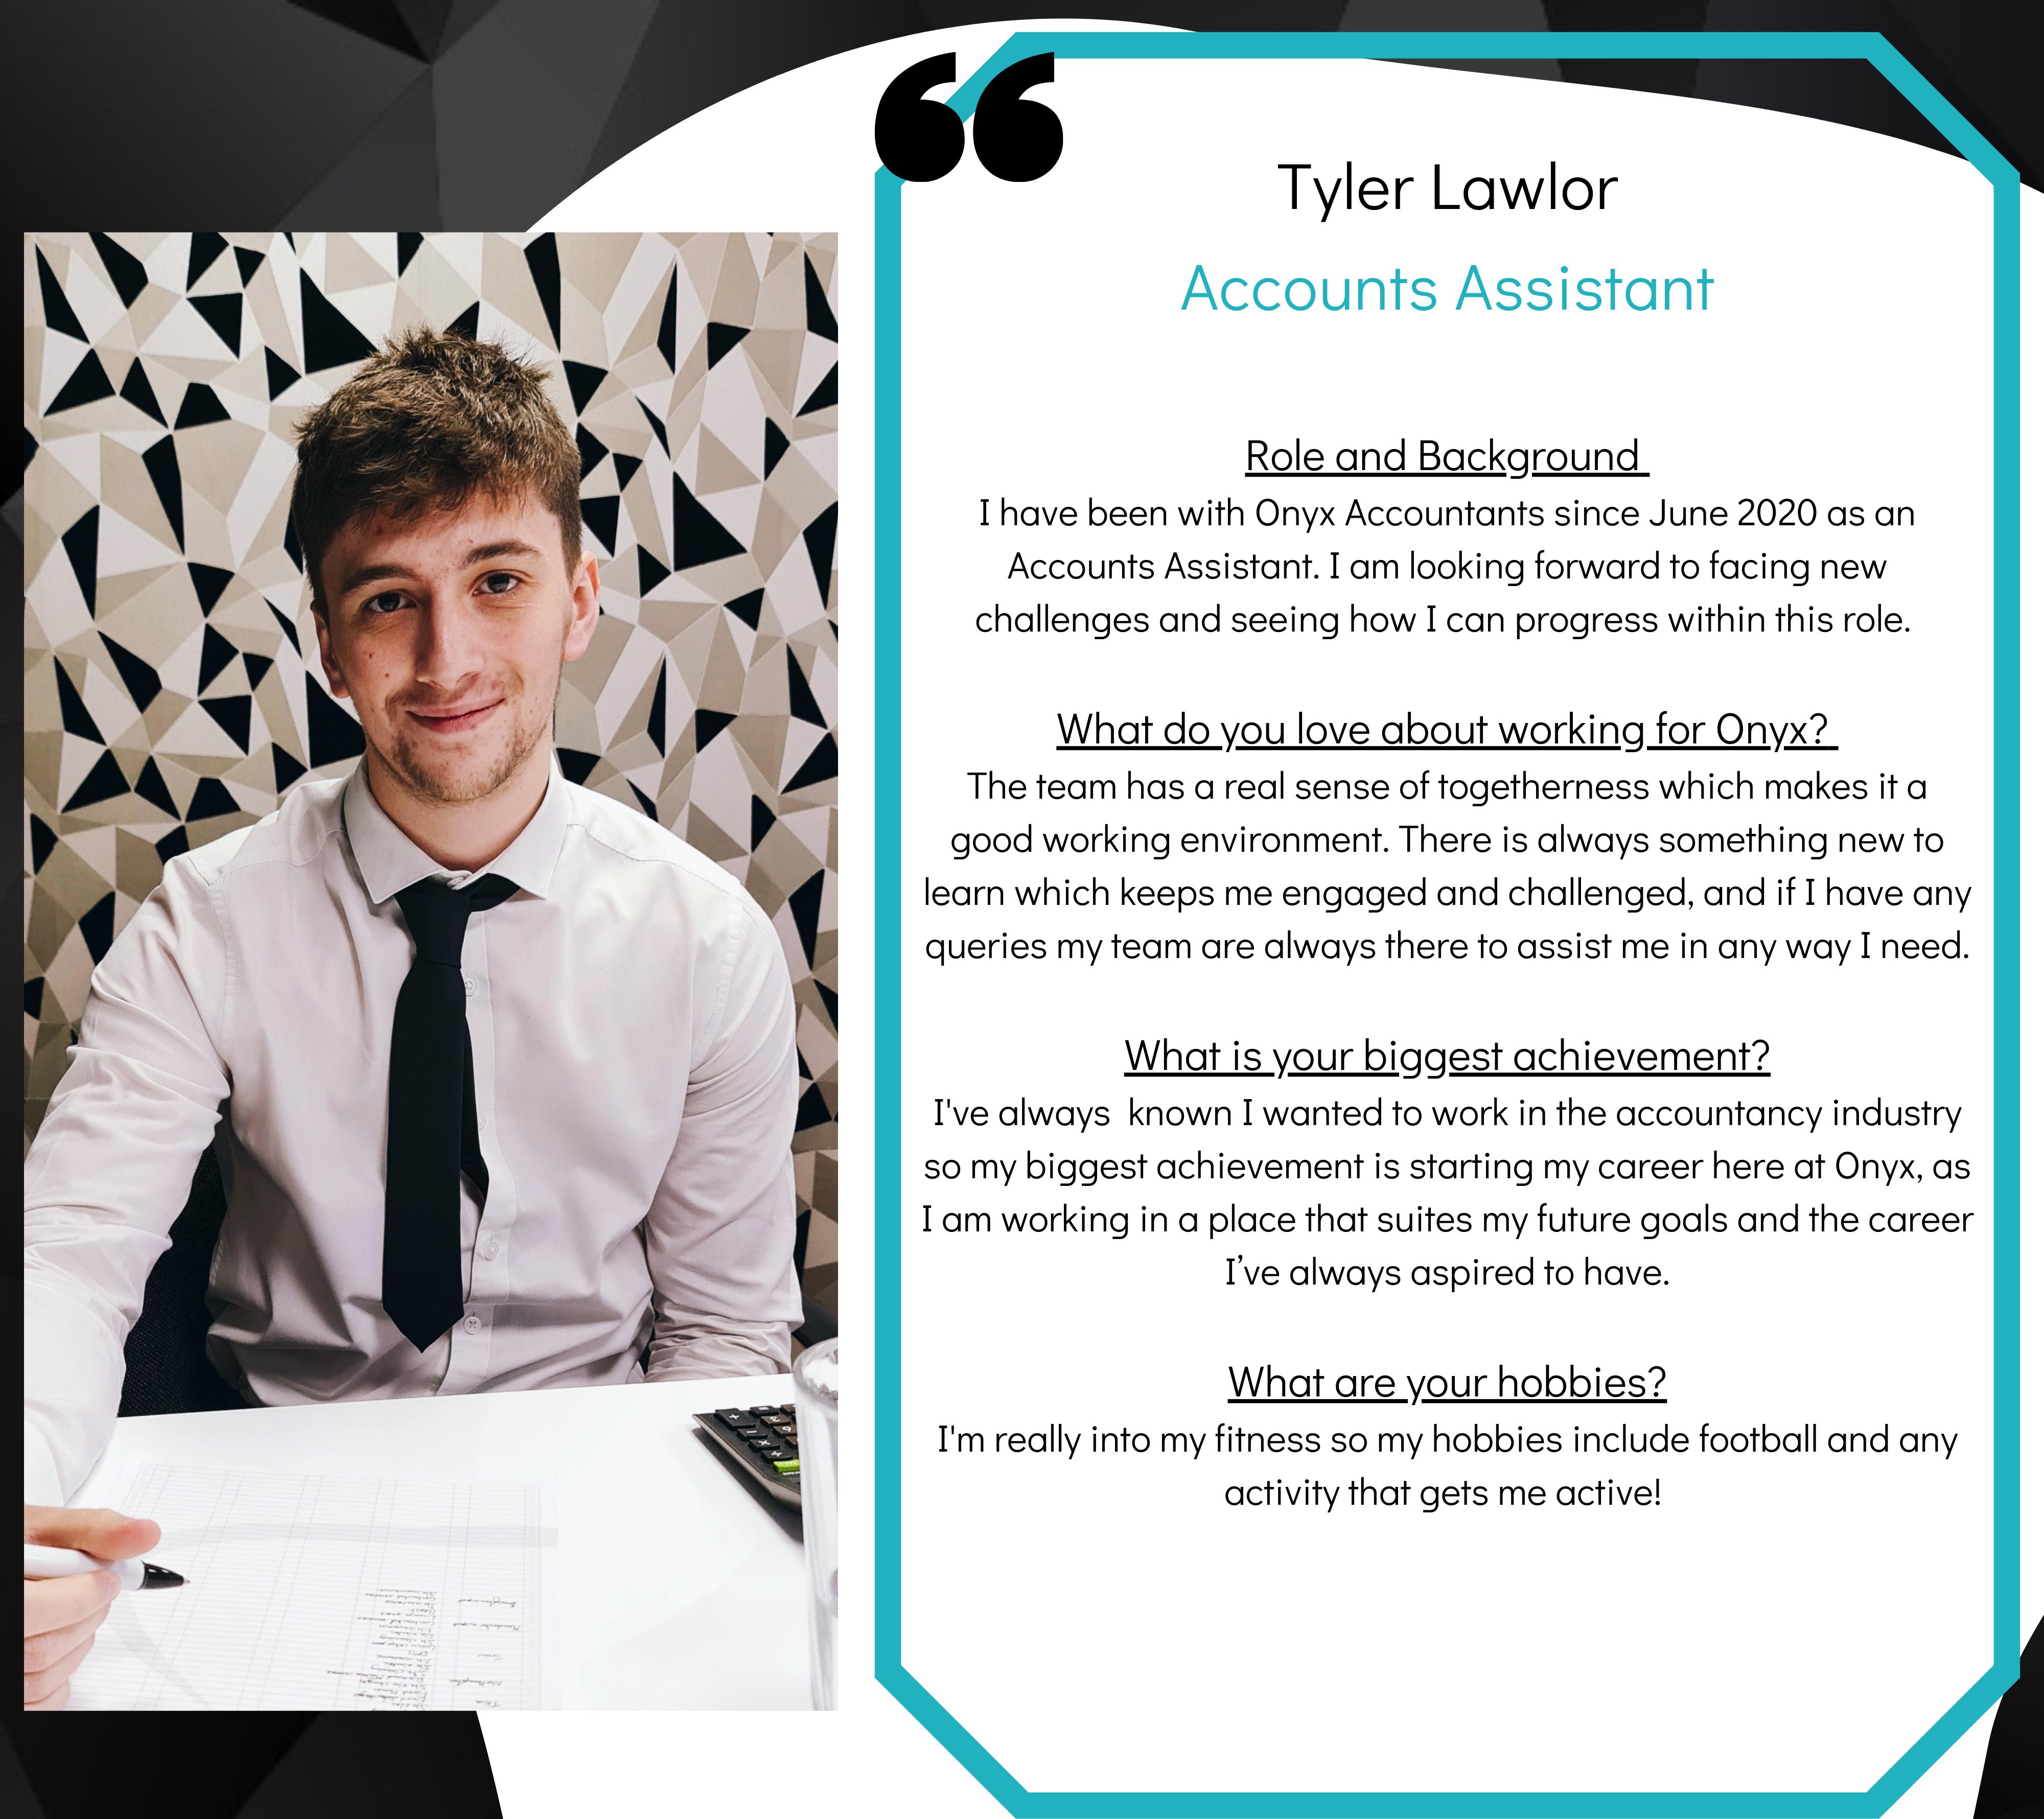 Tyler Lawlor